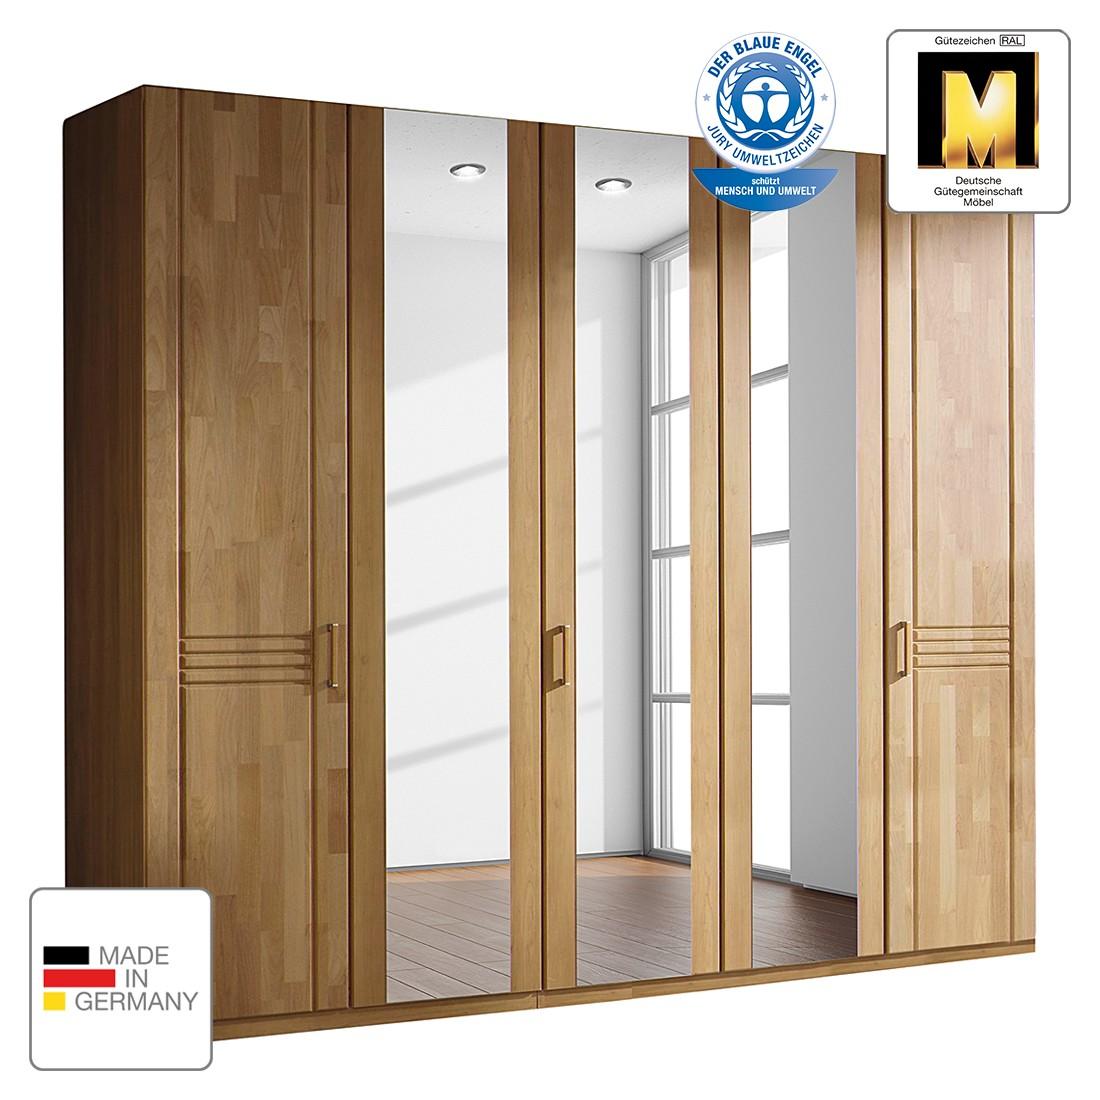 goedkoop Draaideurkast Savina Wild eikenhout 189cm 4 deurs 2 spiegeldeuren Zonder Passe partout lijst Rauch Steffen